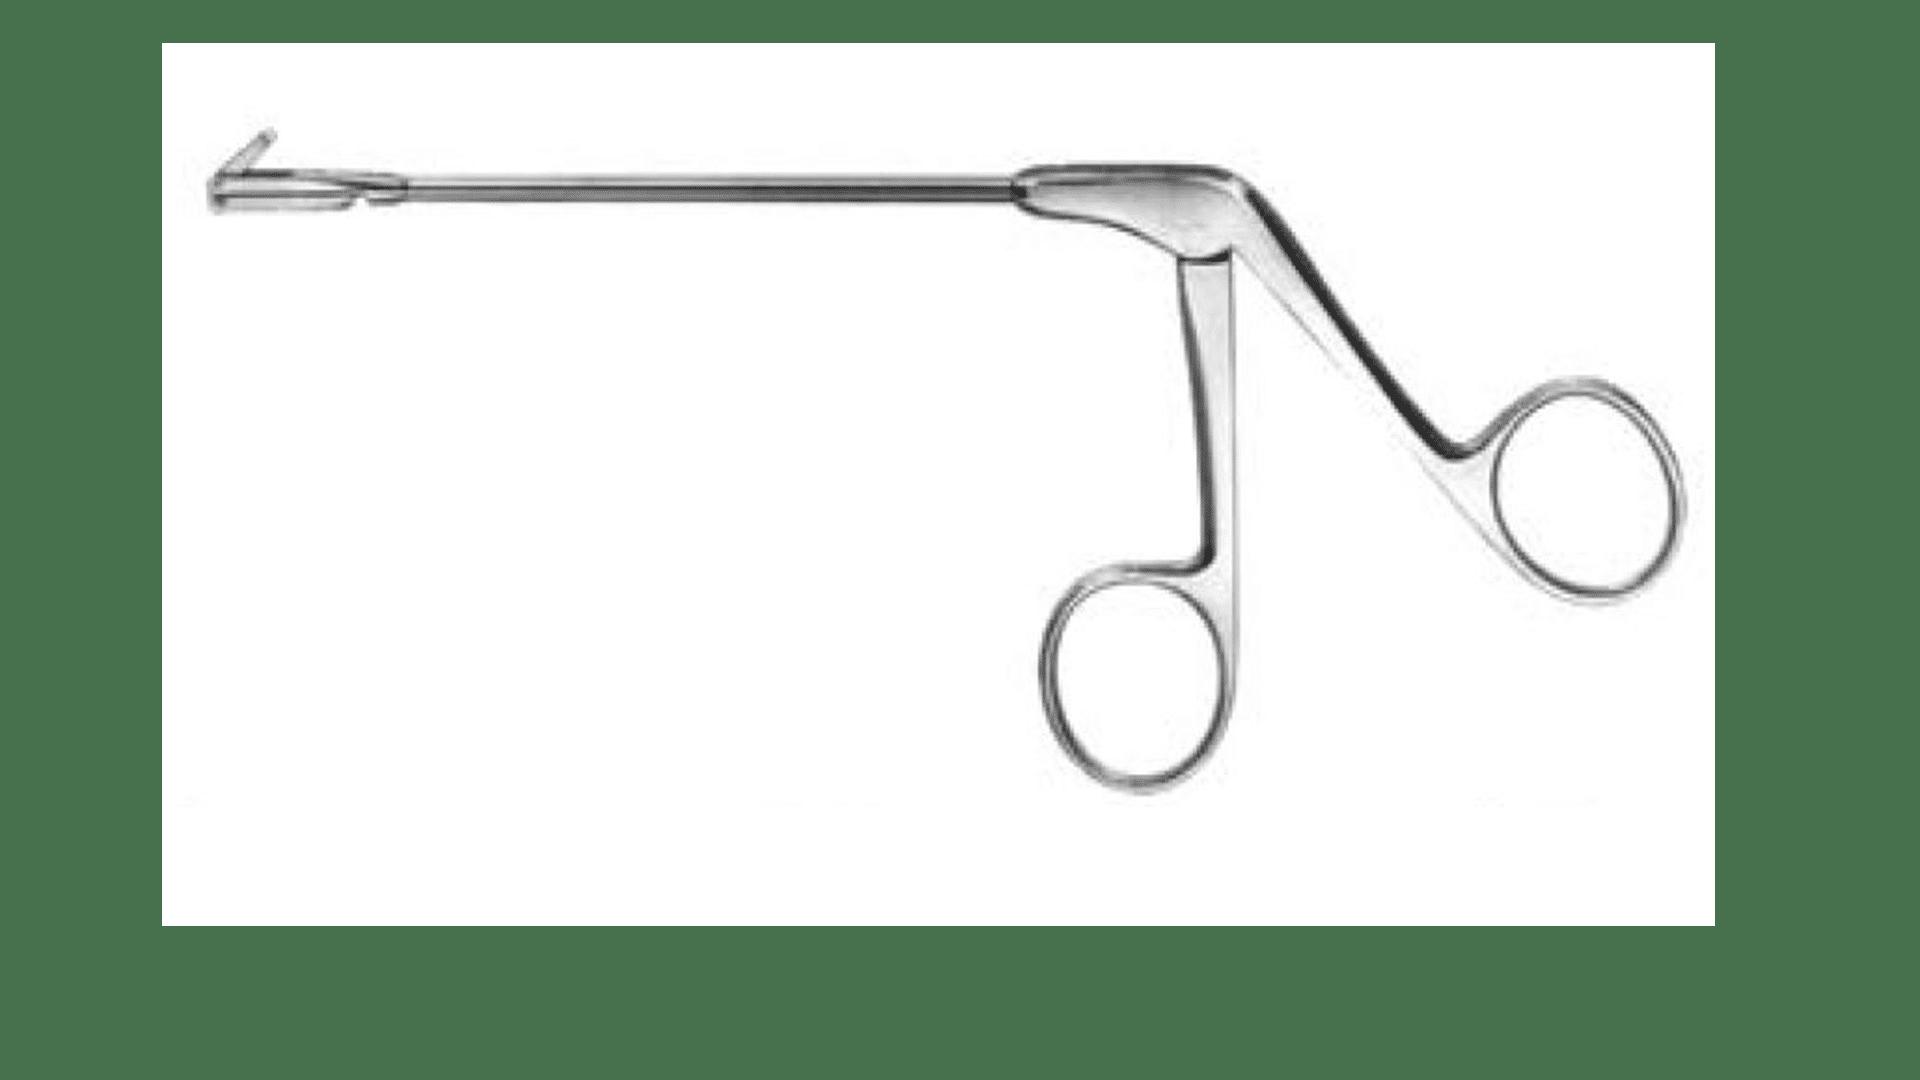 Backbiter Ostrom Antrum Punch Ent Supplies